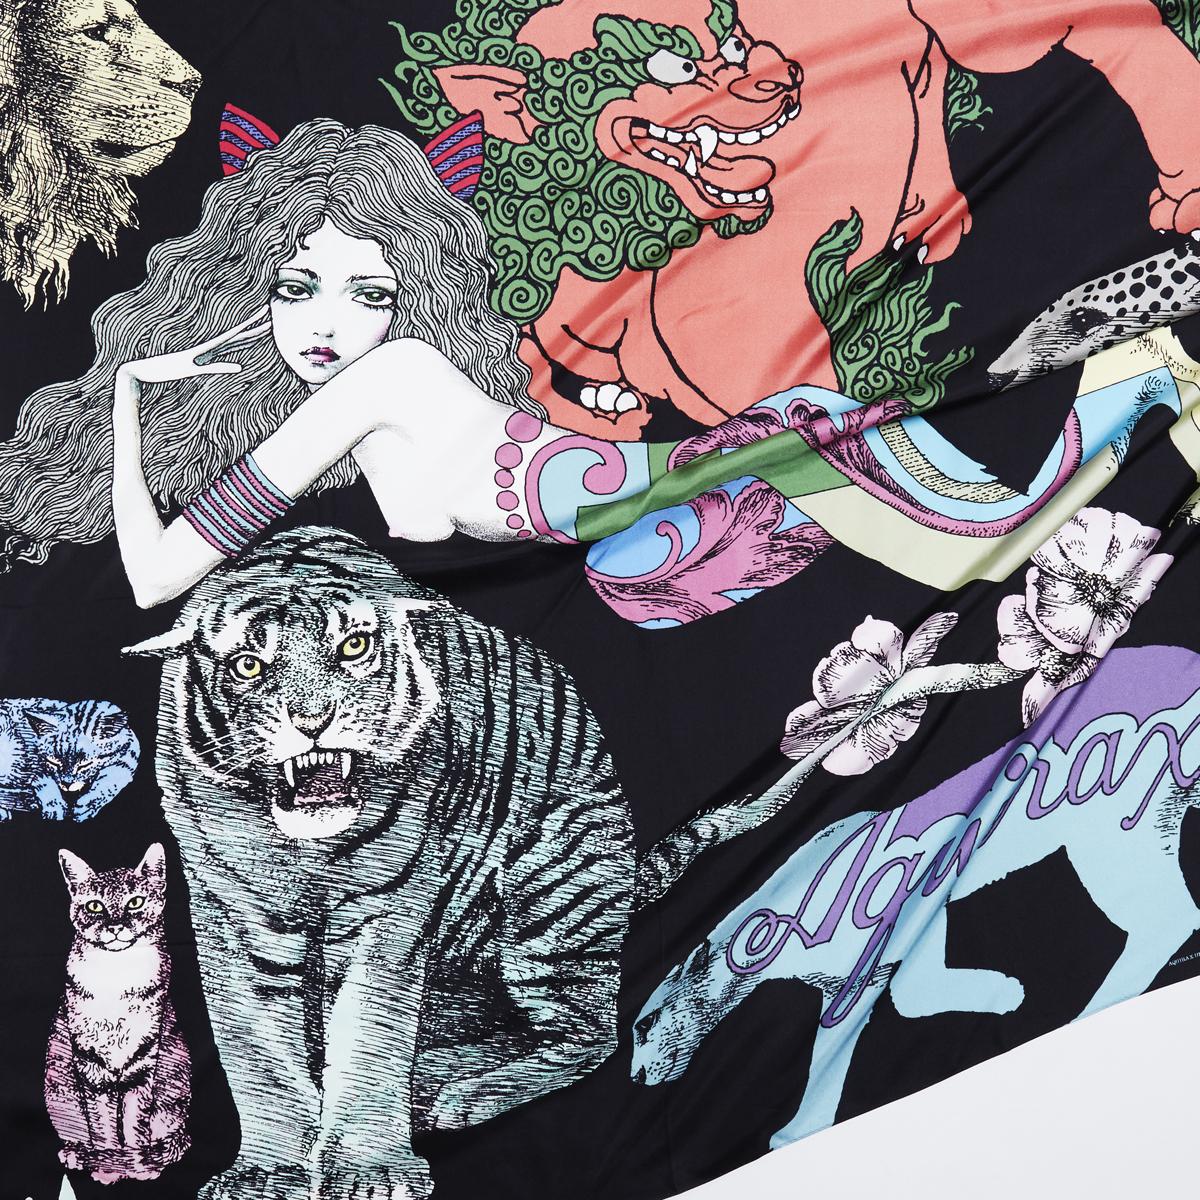 宇野亜喜良氏の書き下ろし作品「猫族」を織り込んだスカーフ